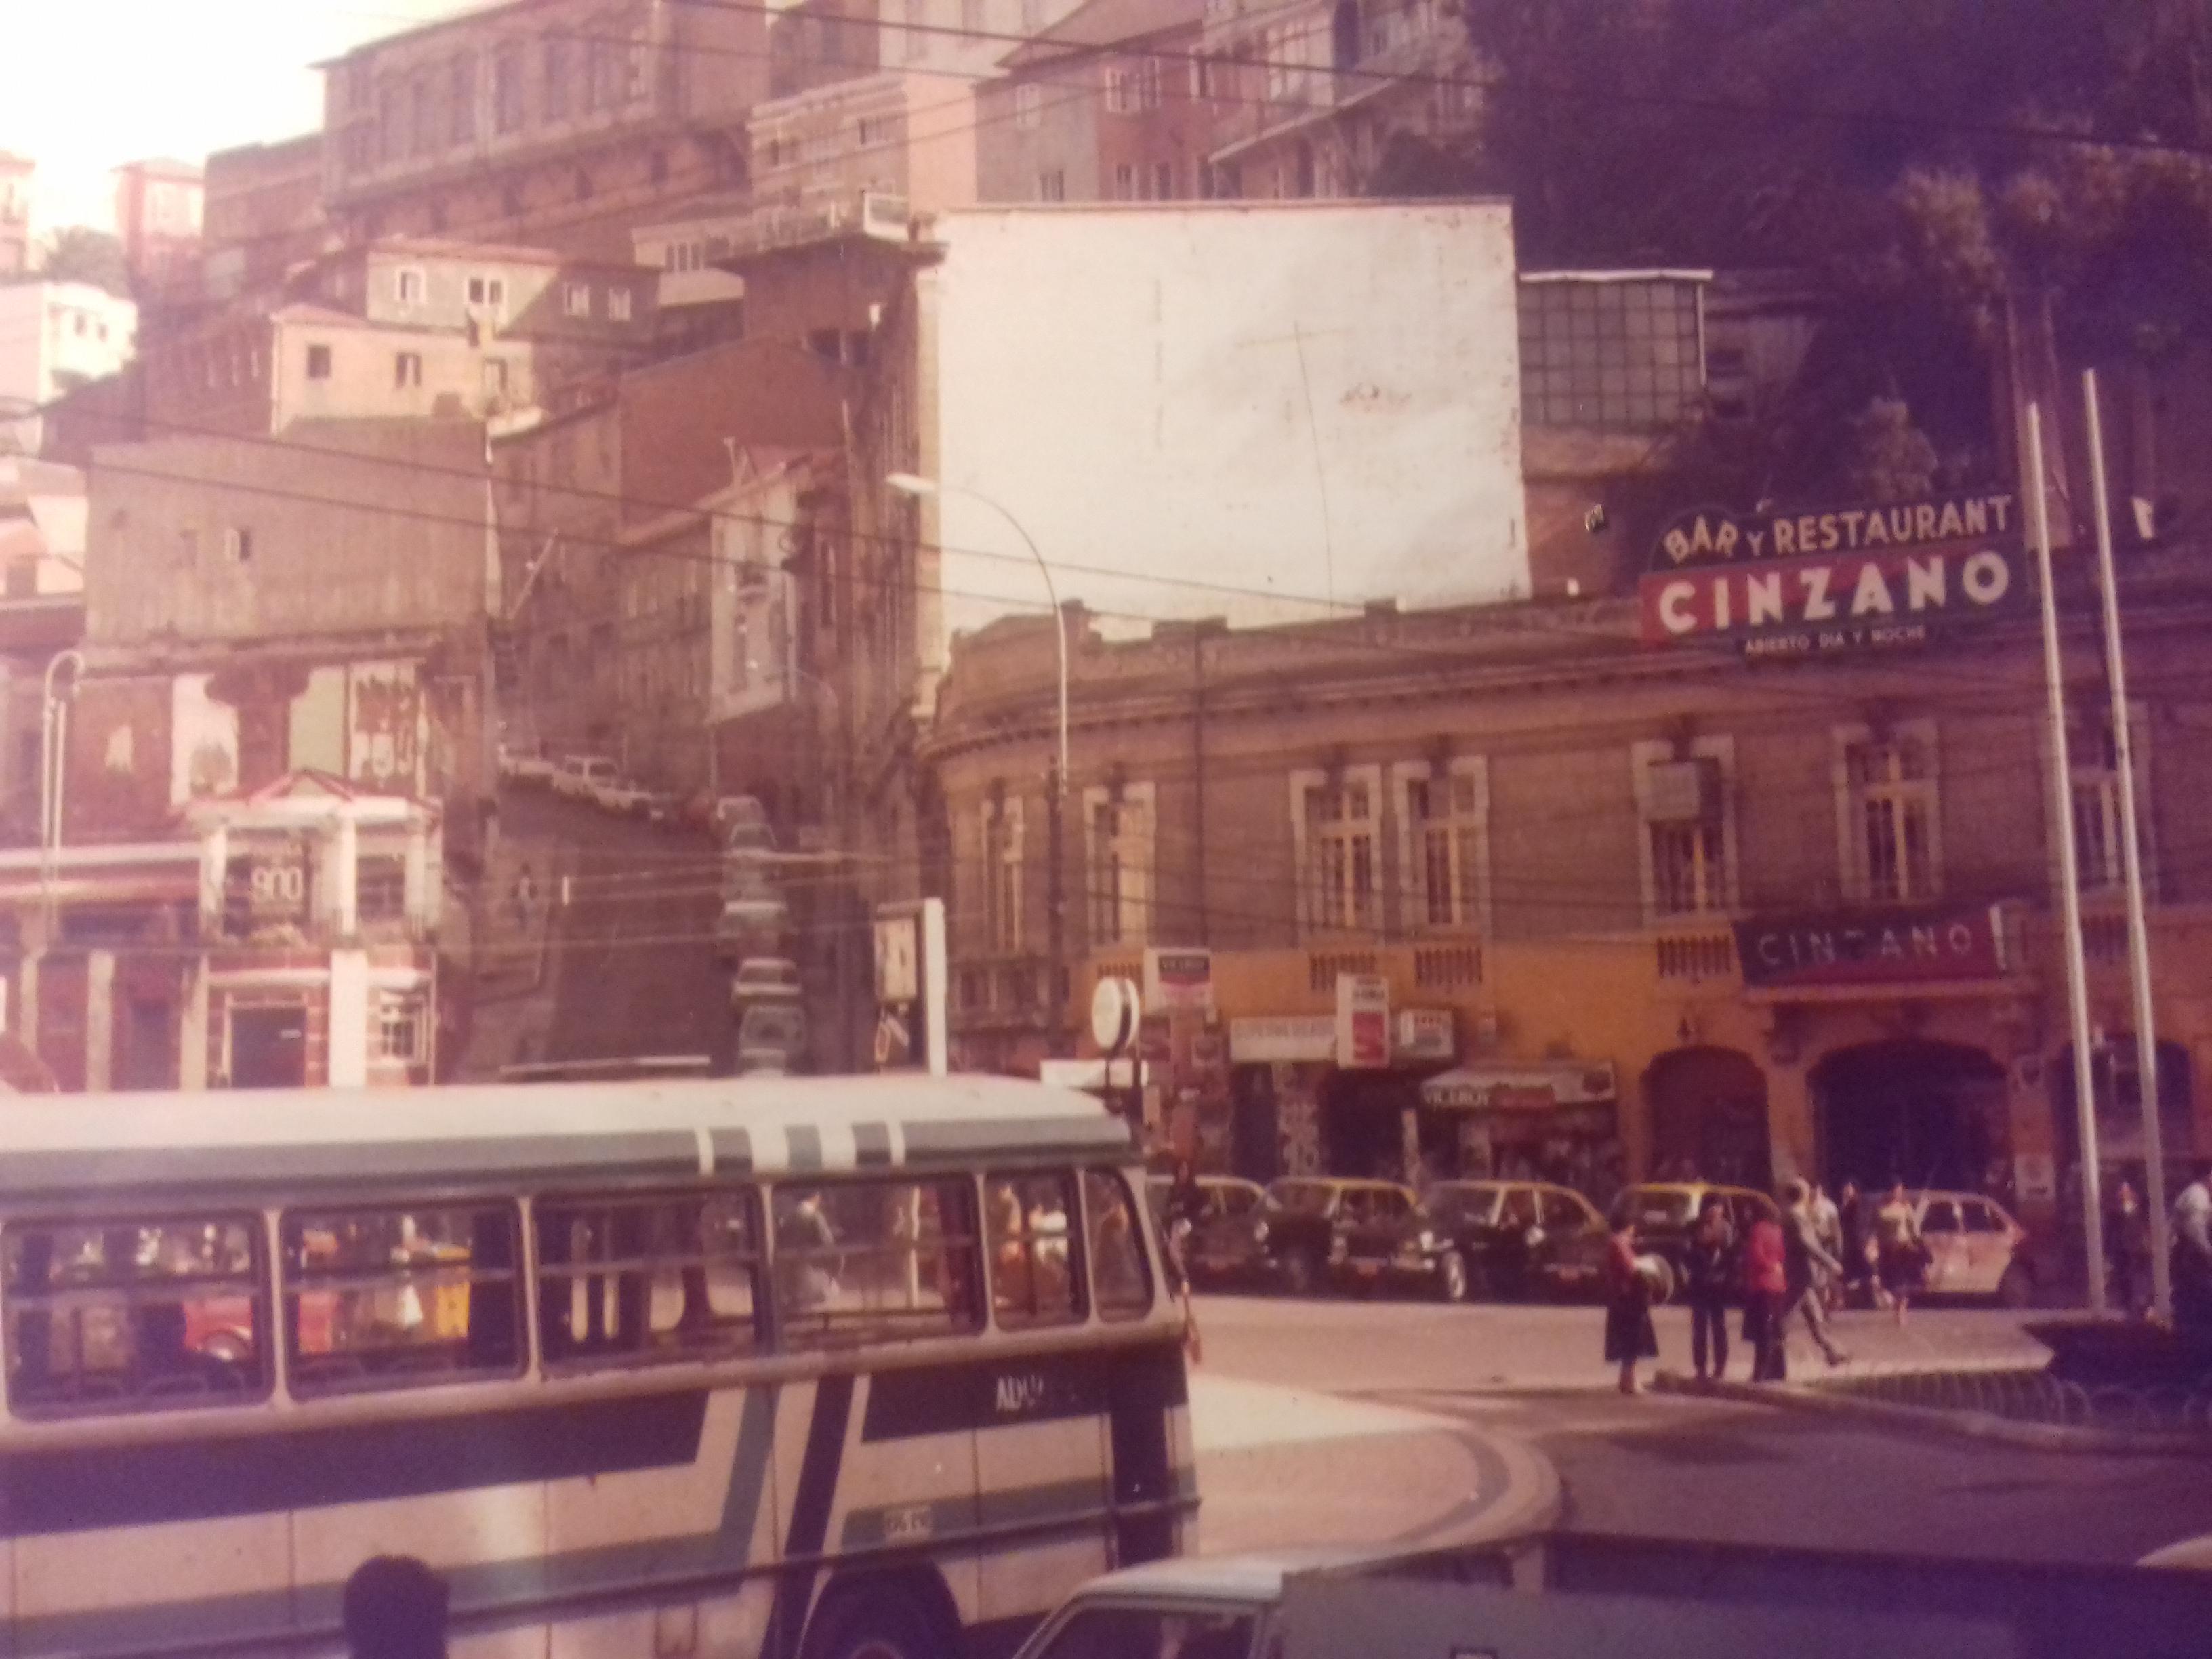 Enterreno - Fotos históricas de chile - fotos antiguas de Chile - PLaza Aníbal Pinto de Valparaíso, 1982